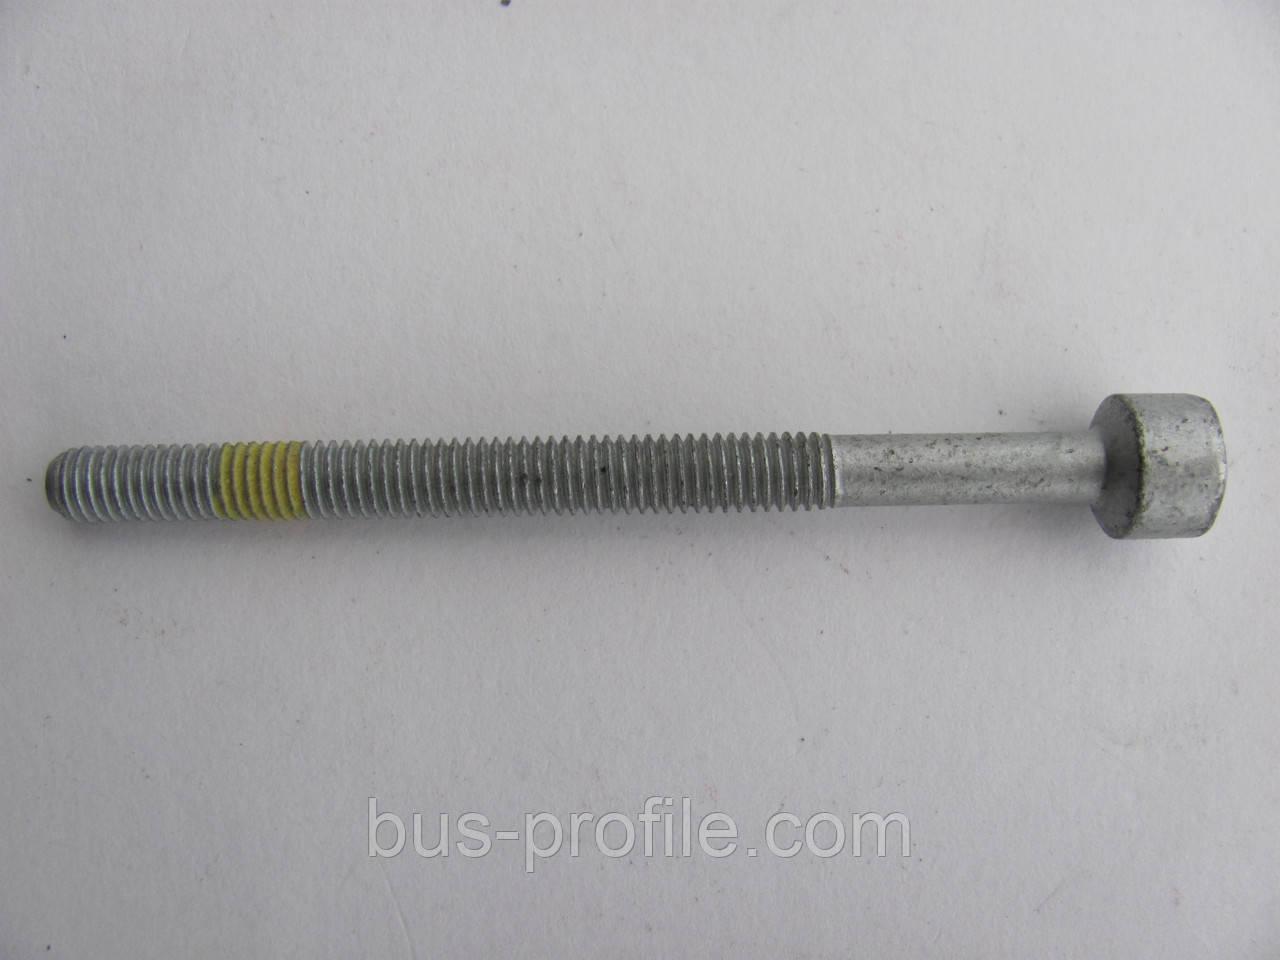 Болт крепления форсунки на MB Sprinter/ Vito CDI OM611/612/646/642/651 — Mercedes Original — 0009902907